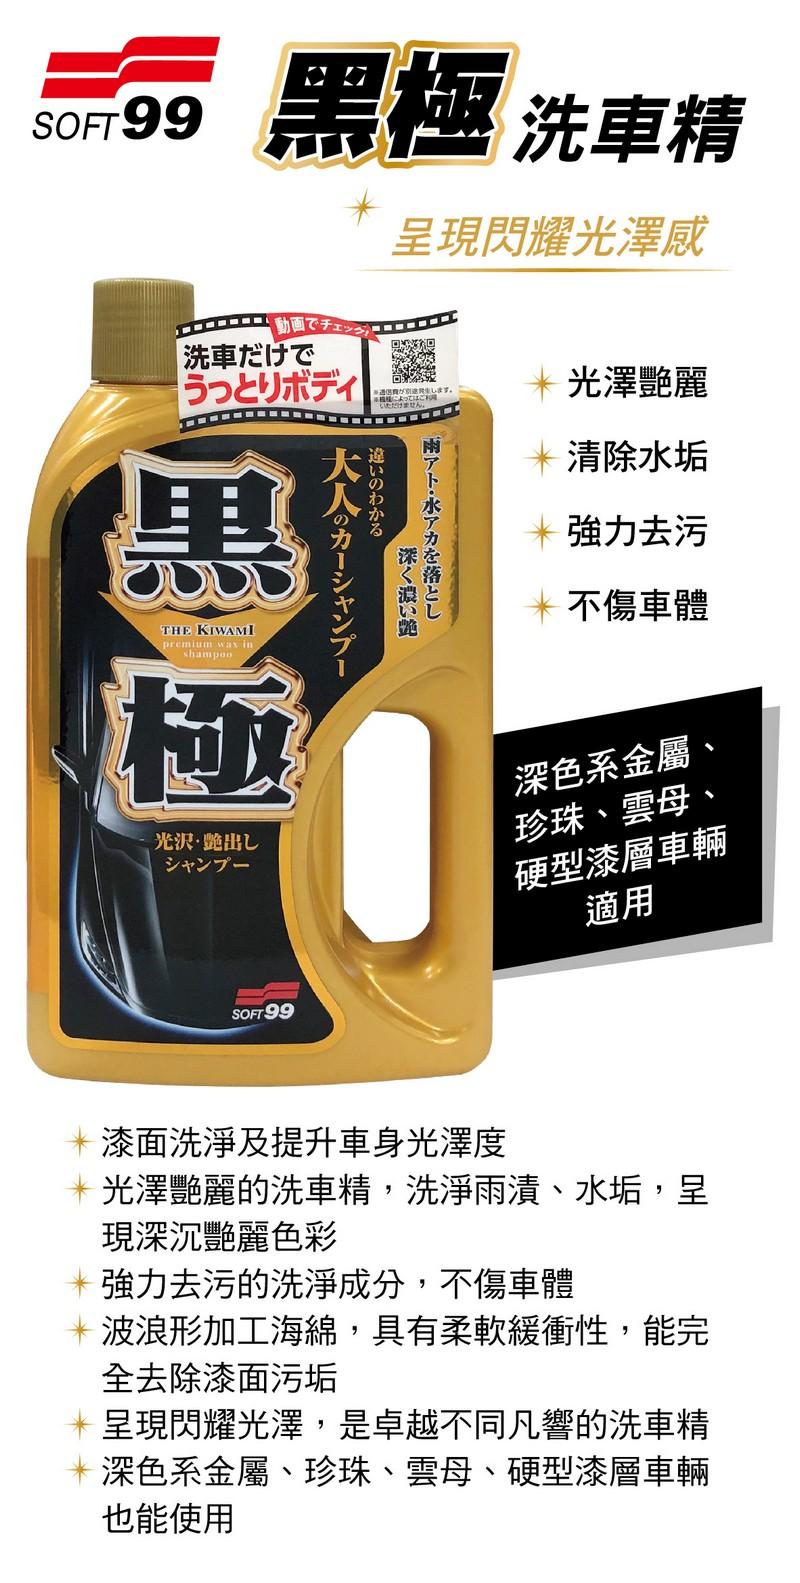 SOFT 99極致洗車液-深色車用